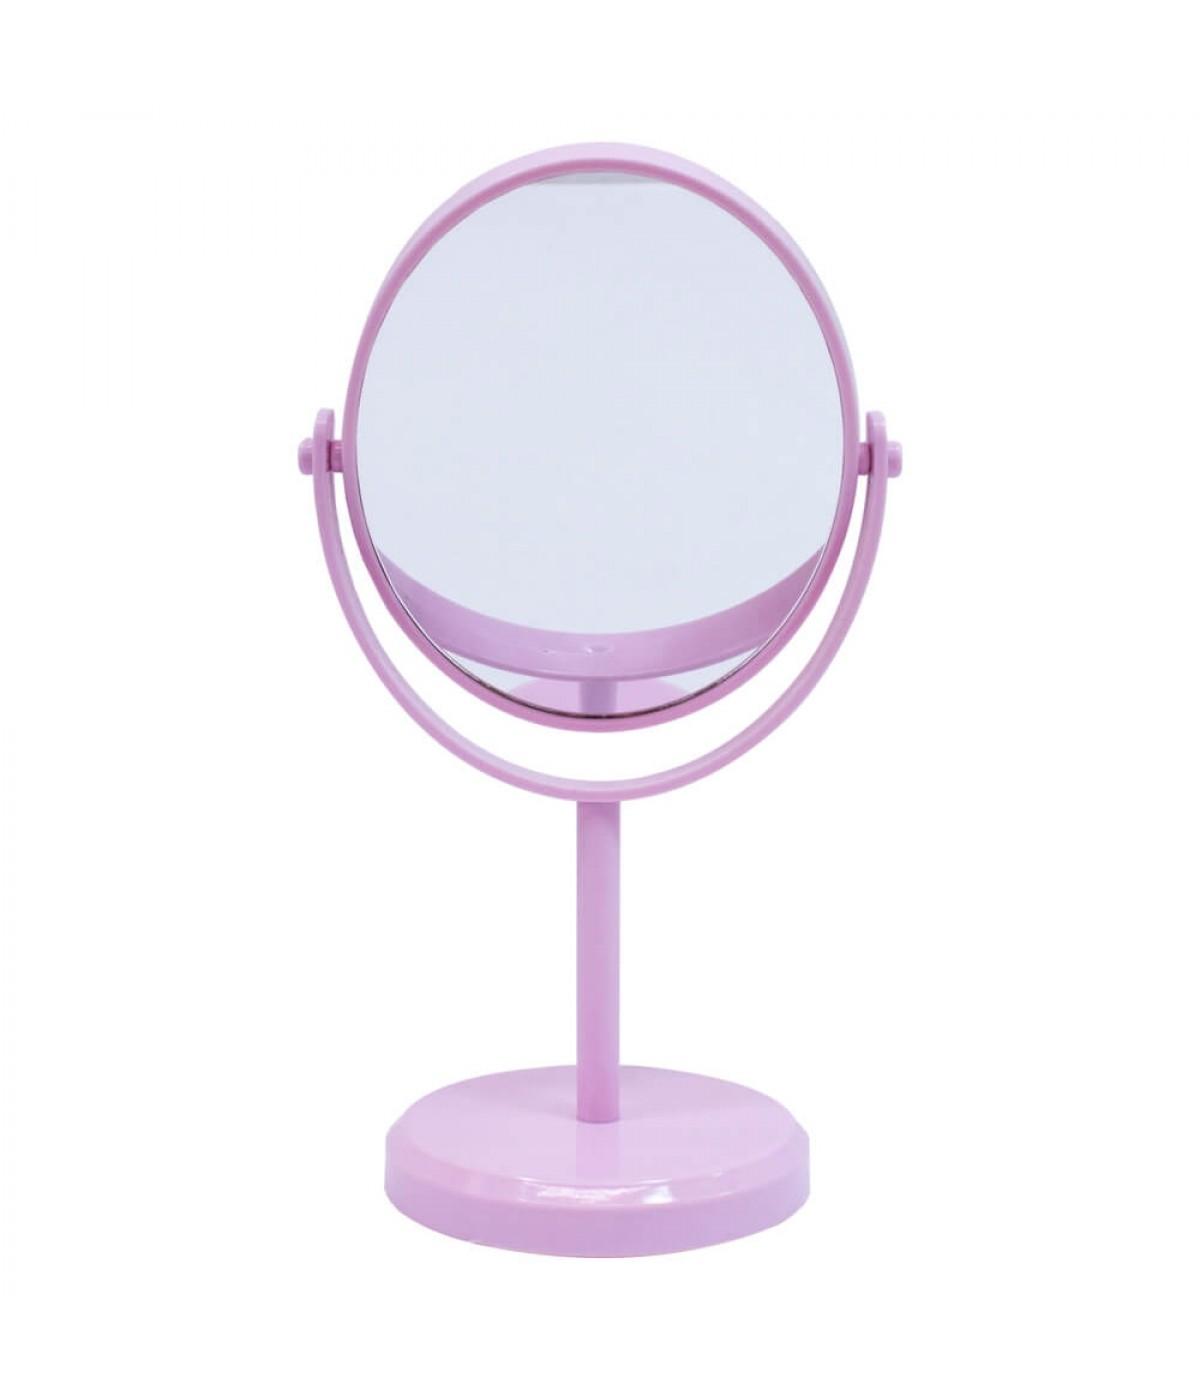 Espelho De Mesa Oval Rosa Dupla Face 30cm